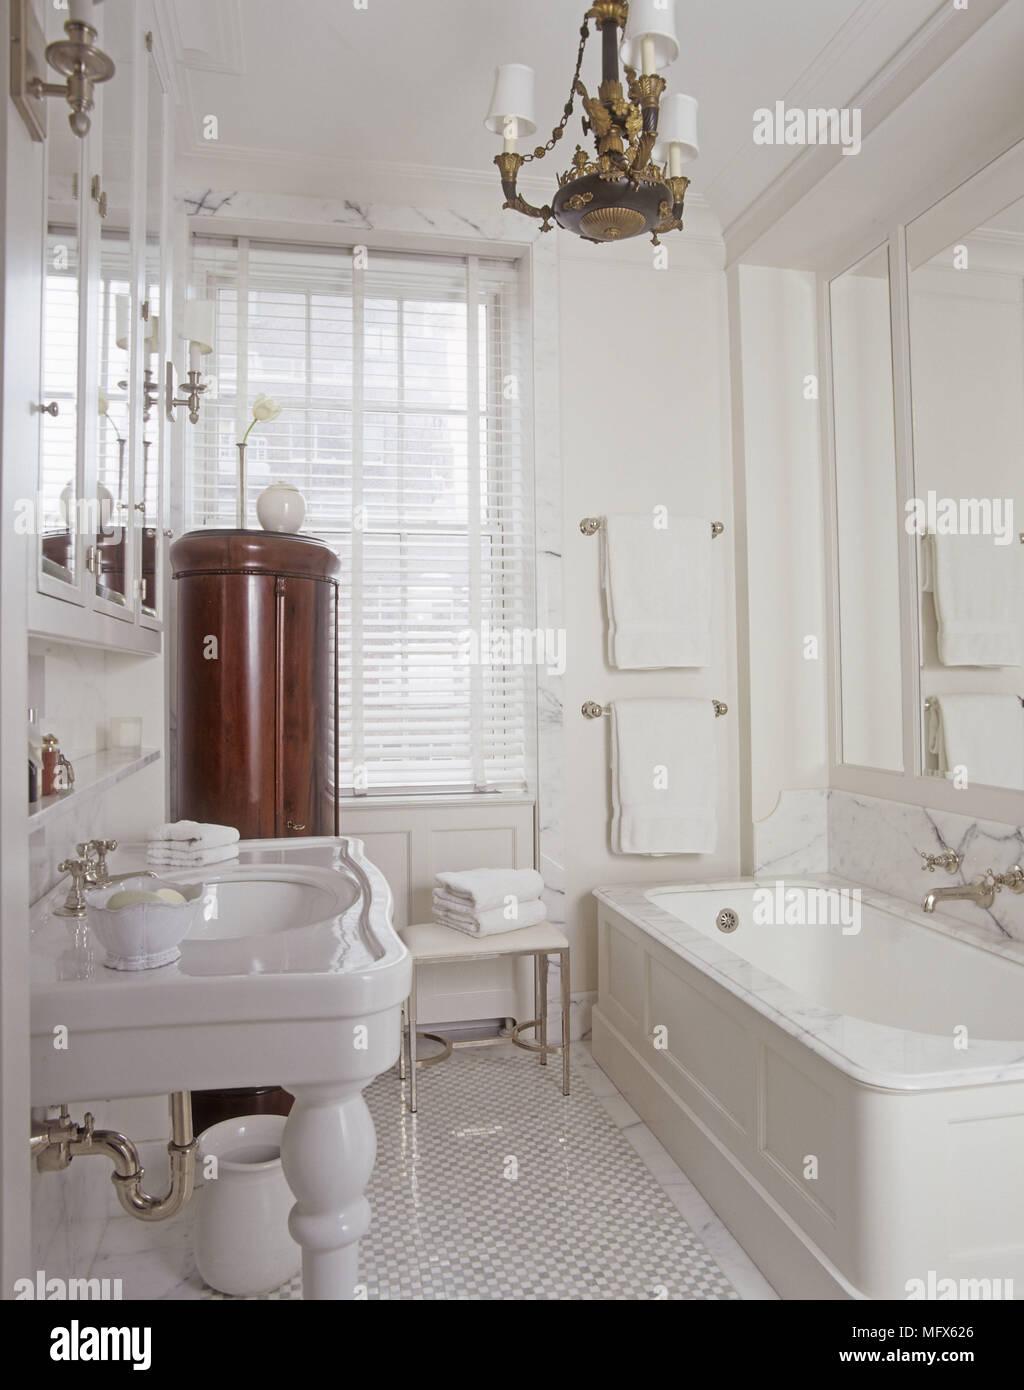 Ein traditionelles weißes Badezimmer Porzellan Waschbecken ...